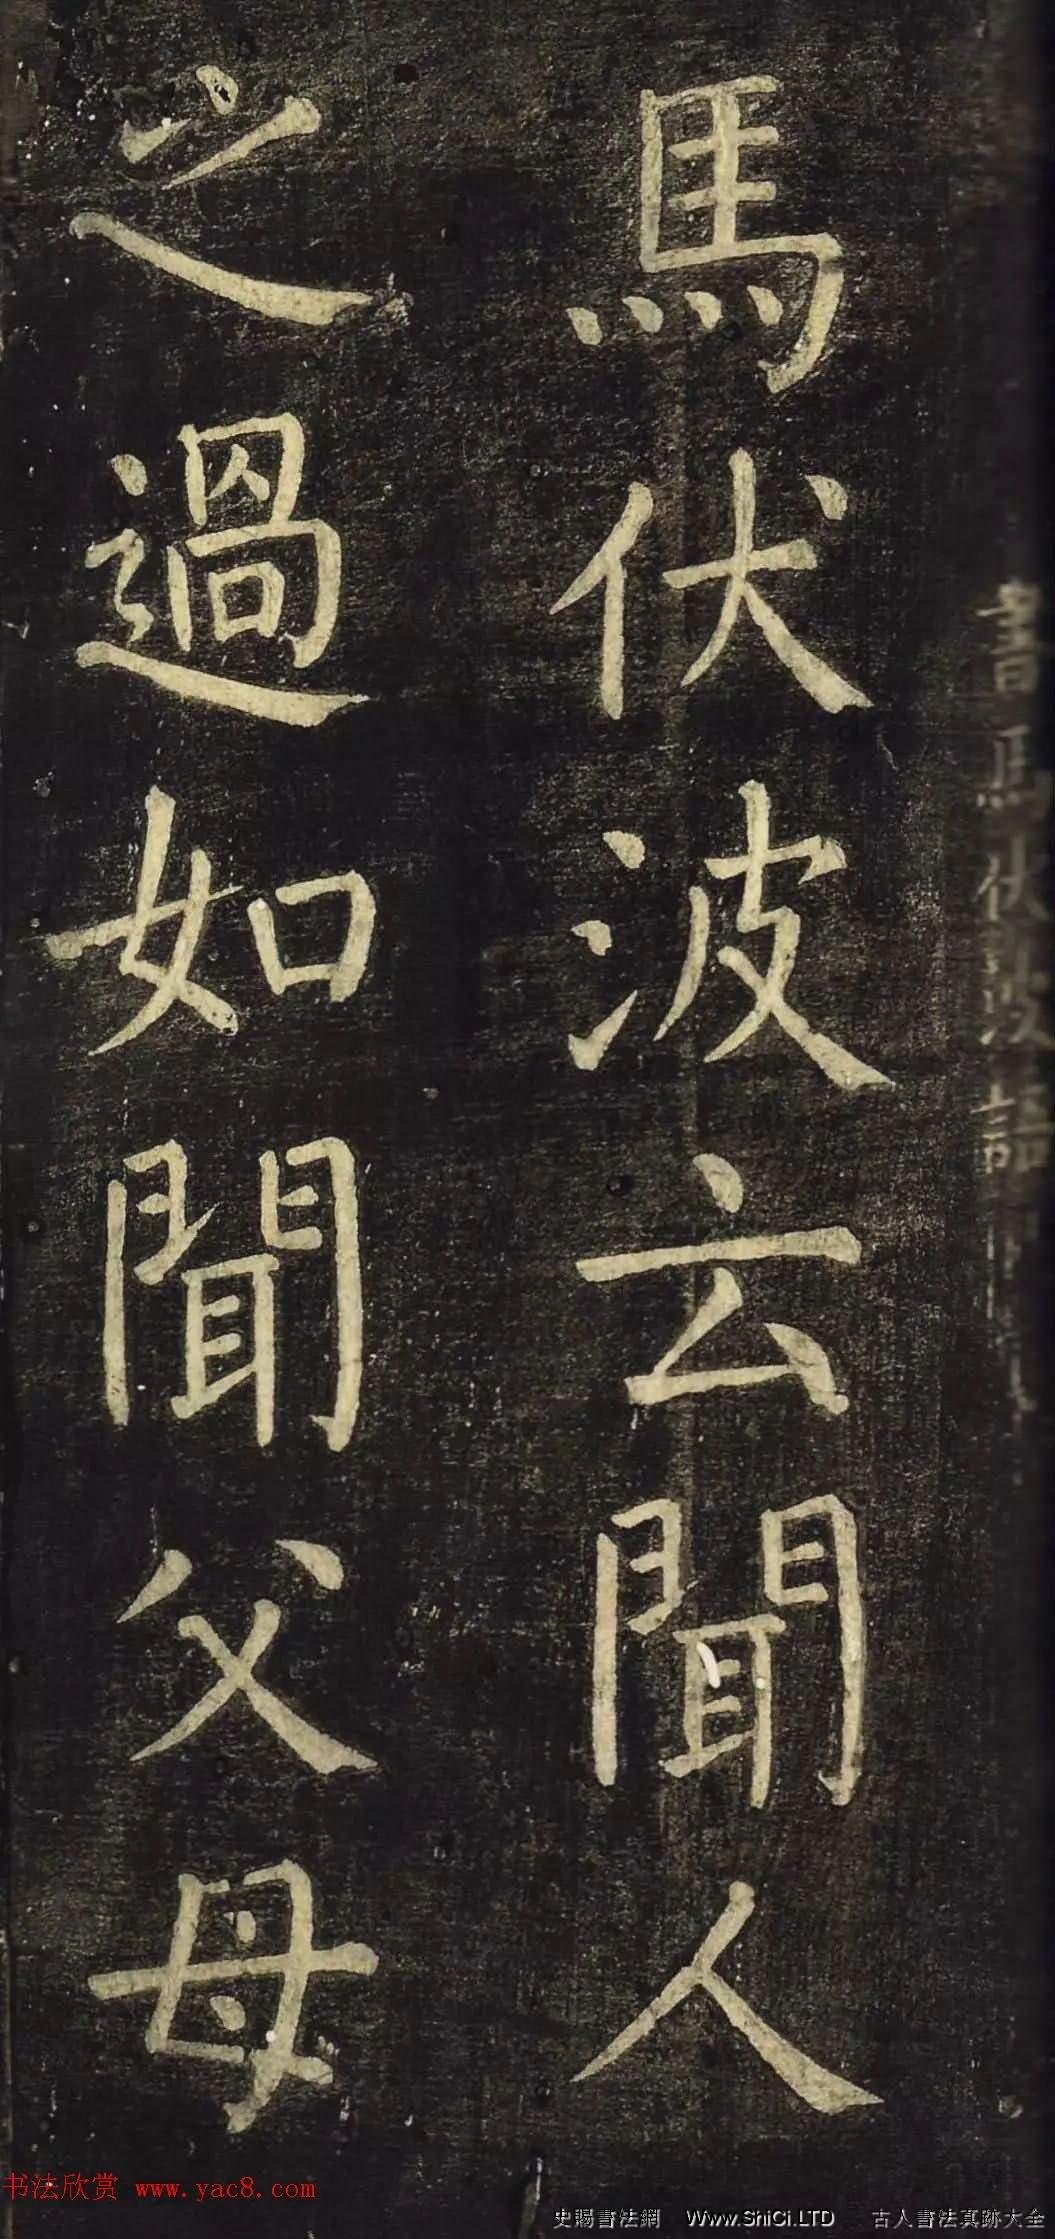 顏真卿60歲楷書刻本《書馬伏波語》(共6張圖片)